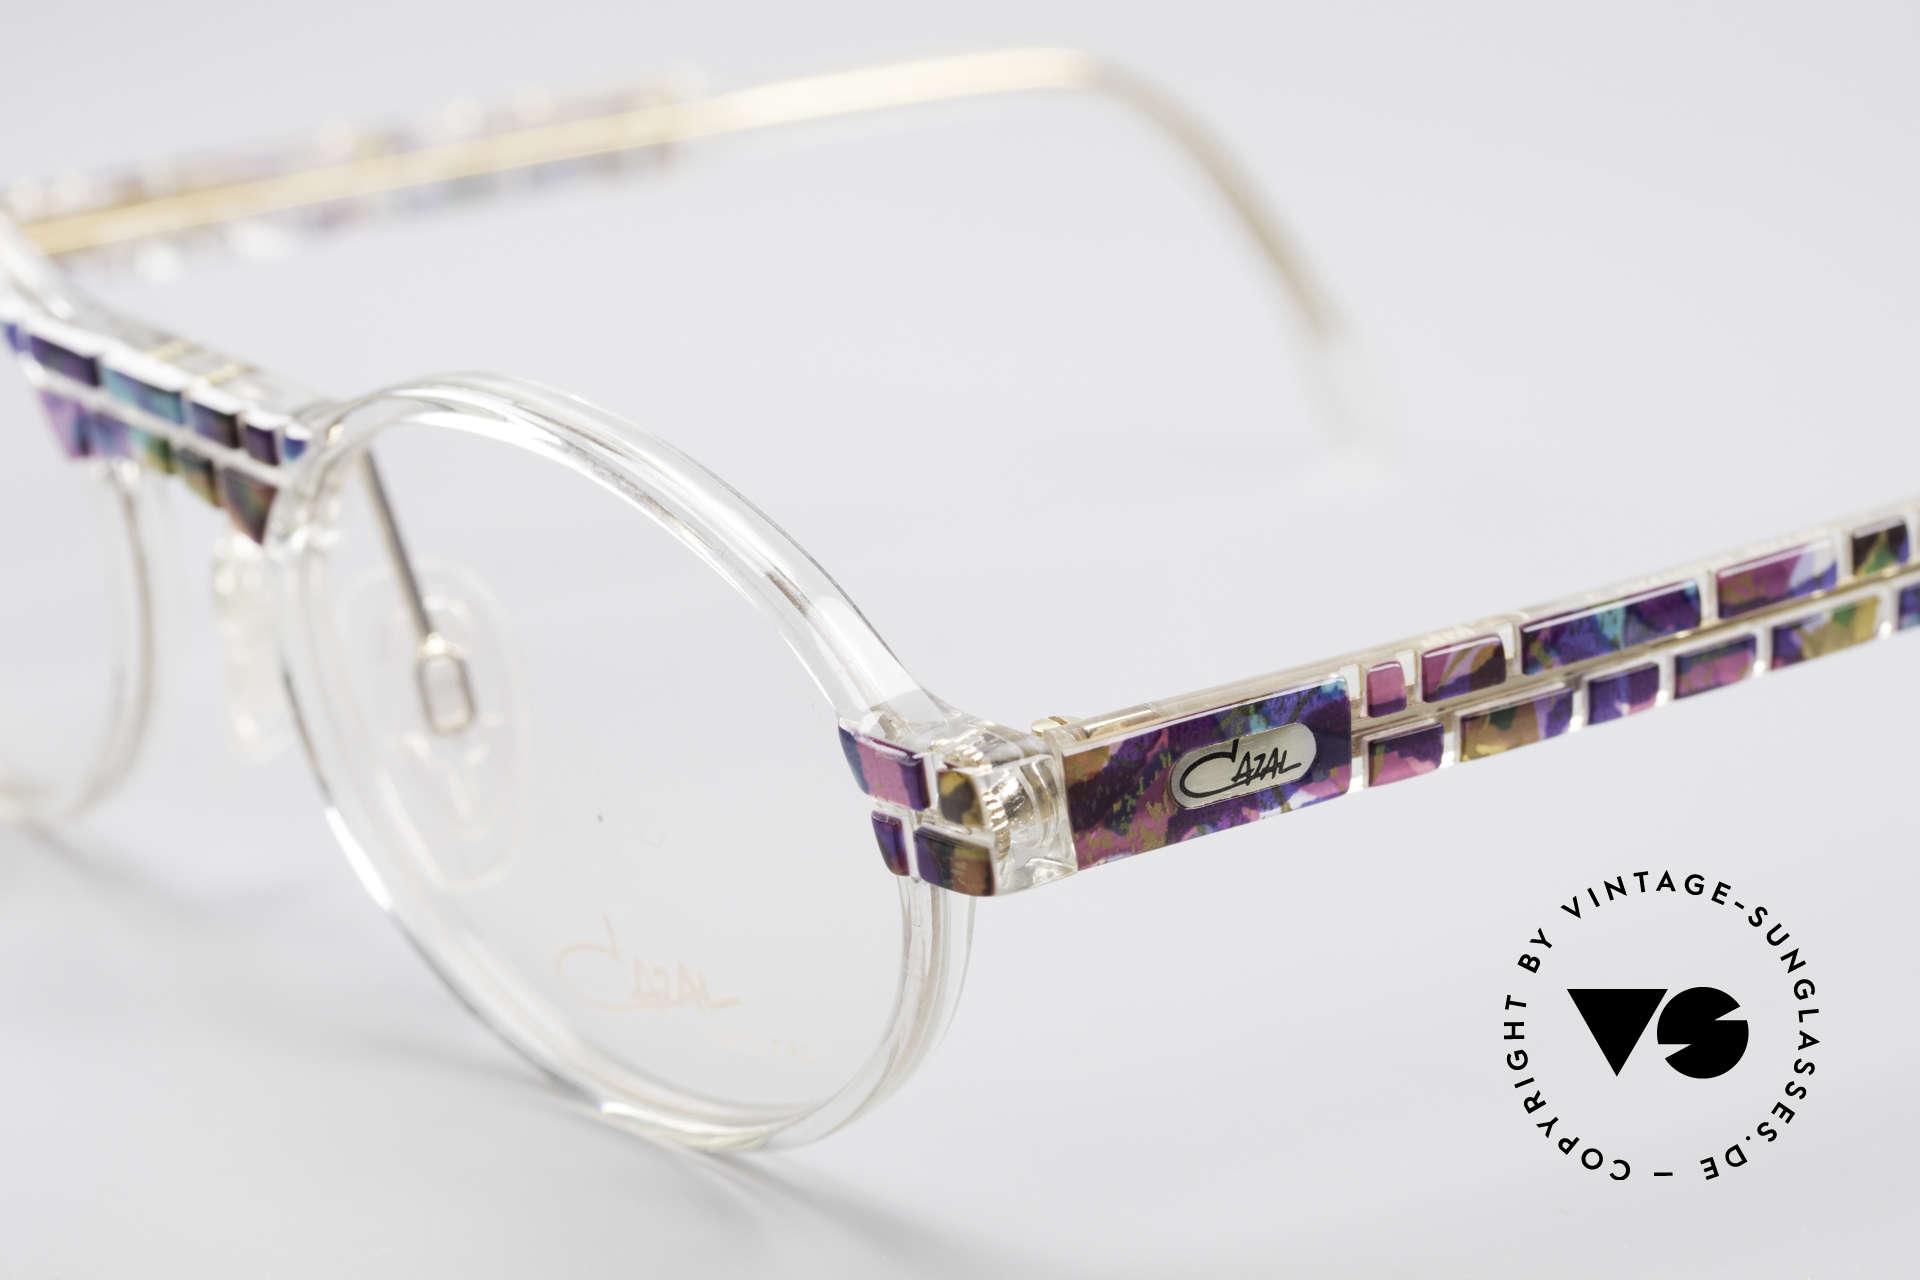 Cazal 510 Crystal Limited Ovale Brille, tolle Kombination aus Form, Farbe und Materialien, Passend für Herren und Damen